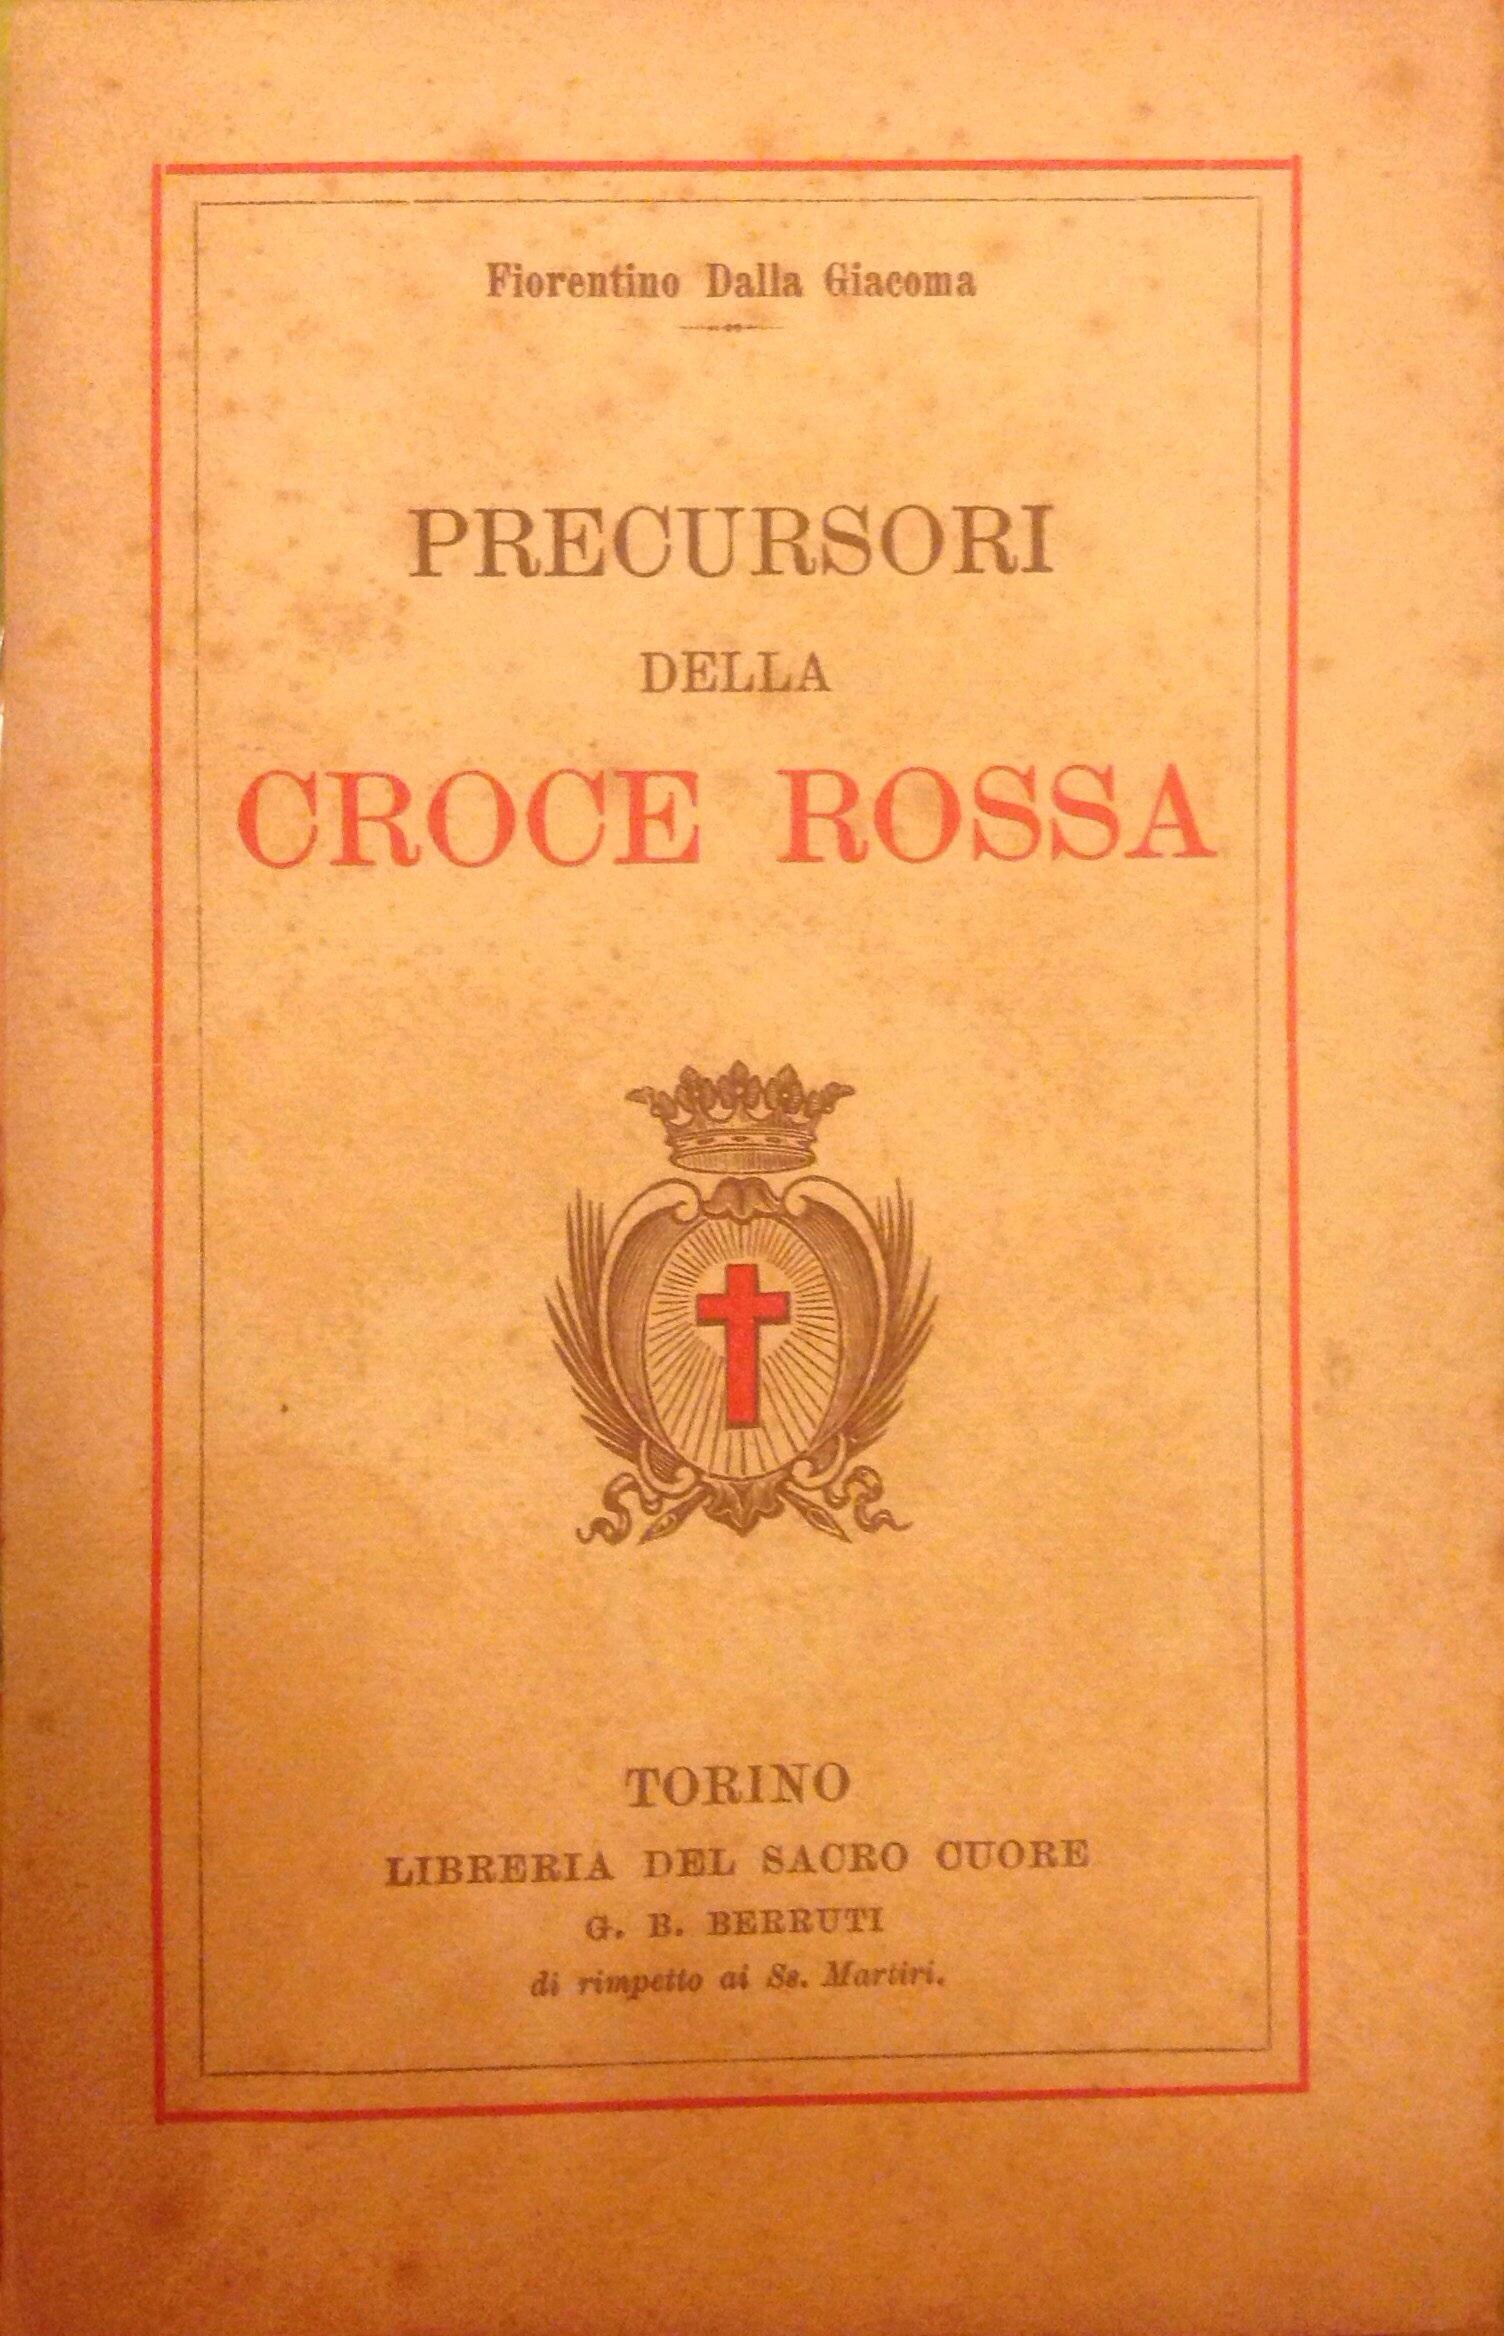 Precursori della Croce Rossa